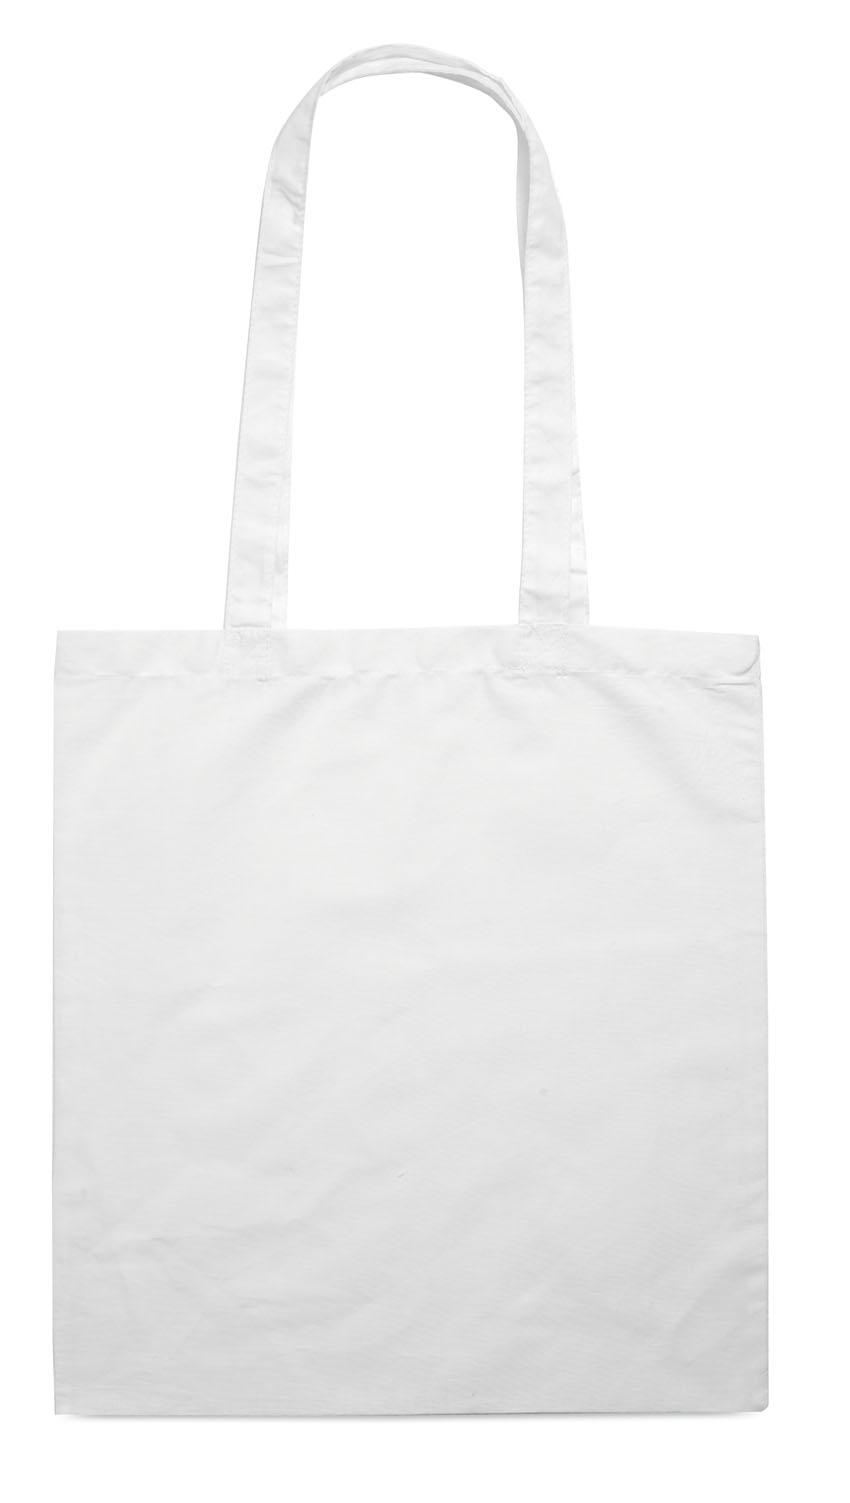 Relatiegeschenken Katoenen Tas : Katoenen tas wit bedrukken premiumgids